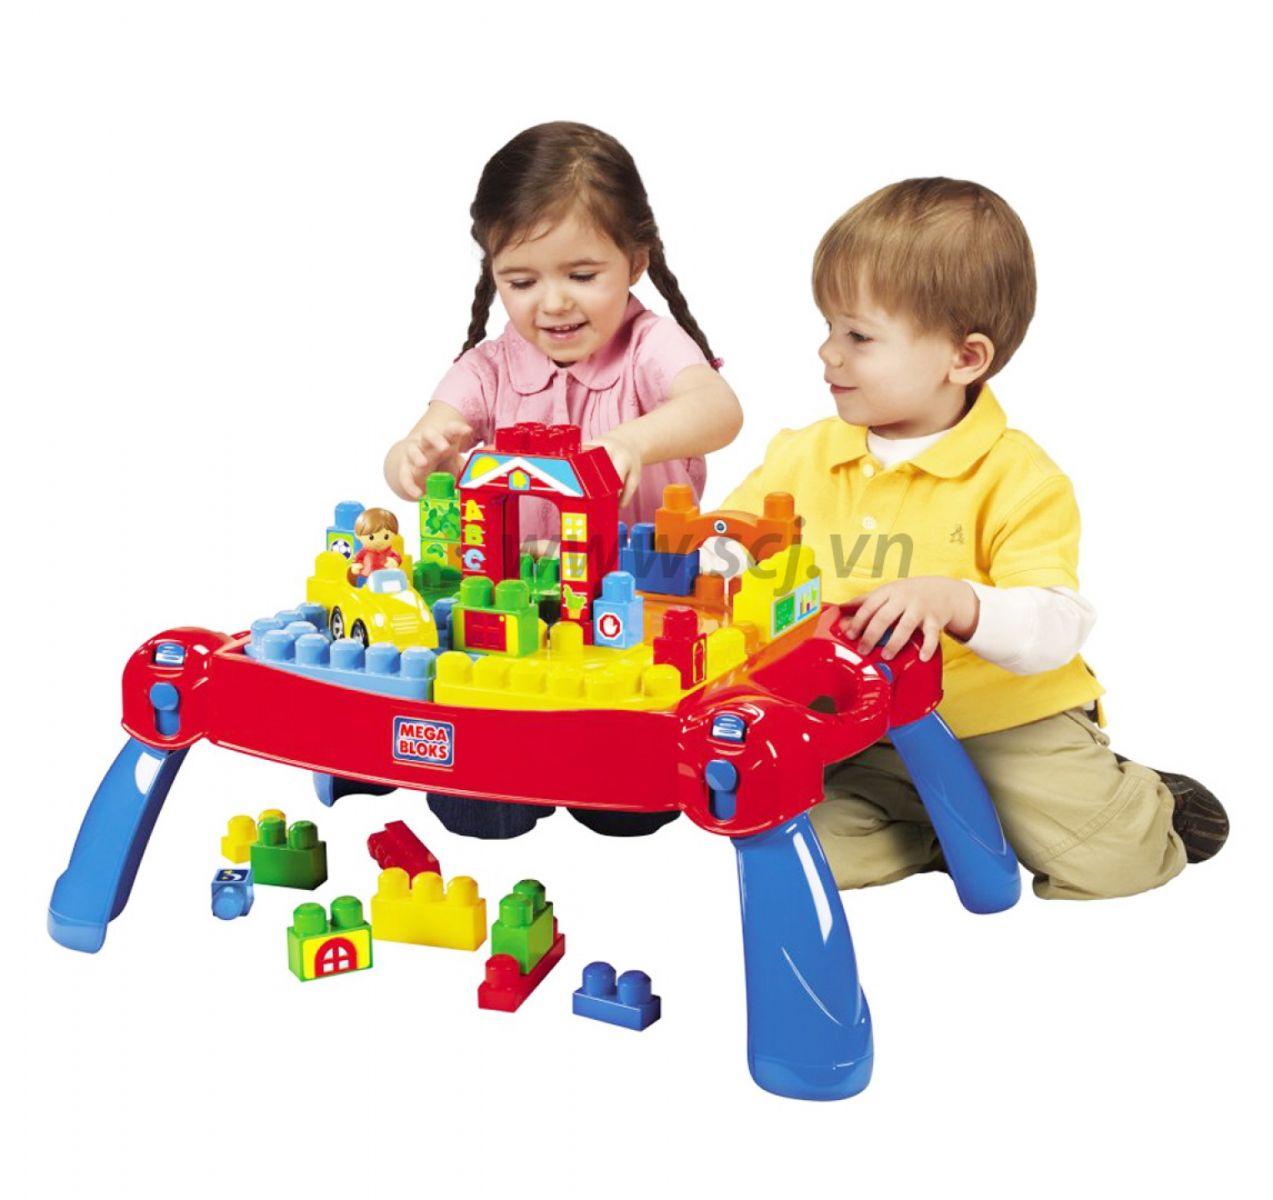 Do choi tri tue Mách cho các bạn cách lựa chọn đồ chơi trẻ em an toàn và hiệu quả